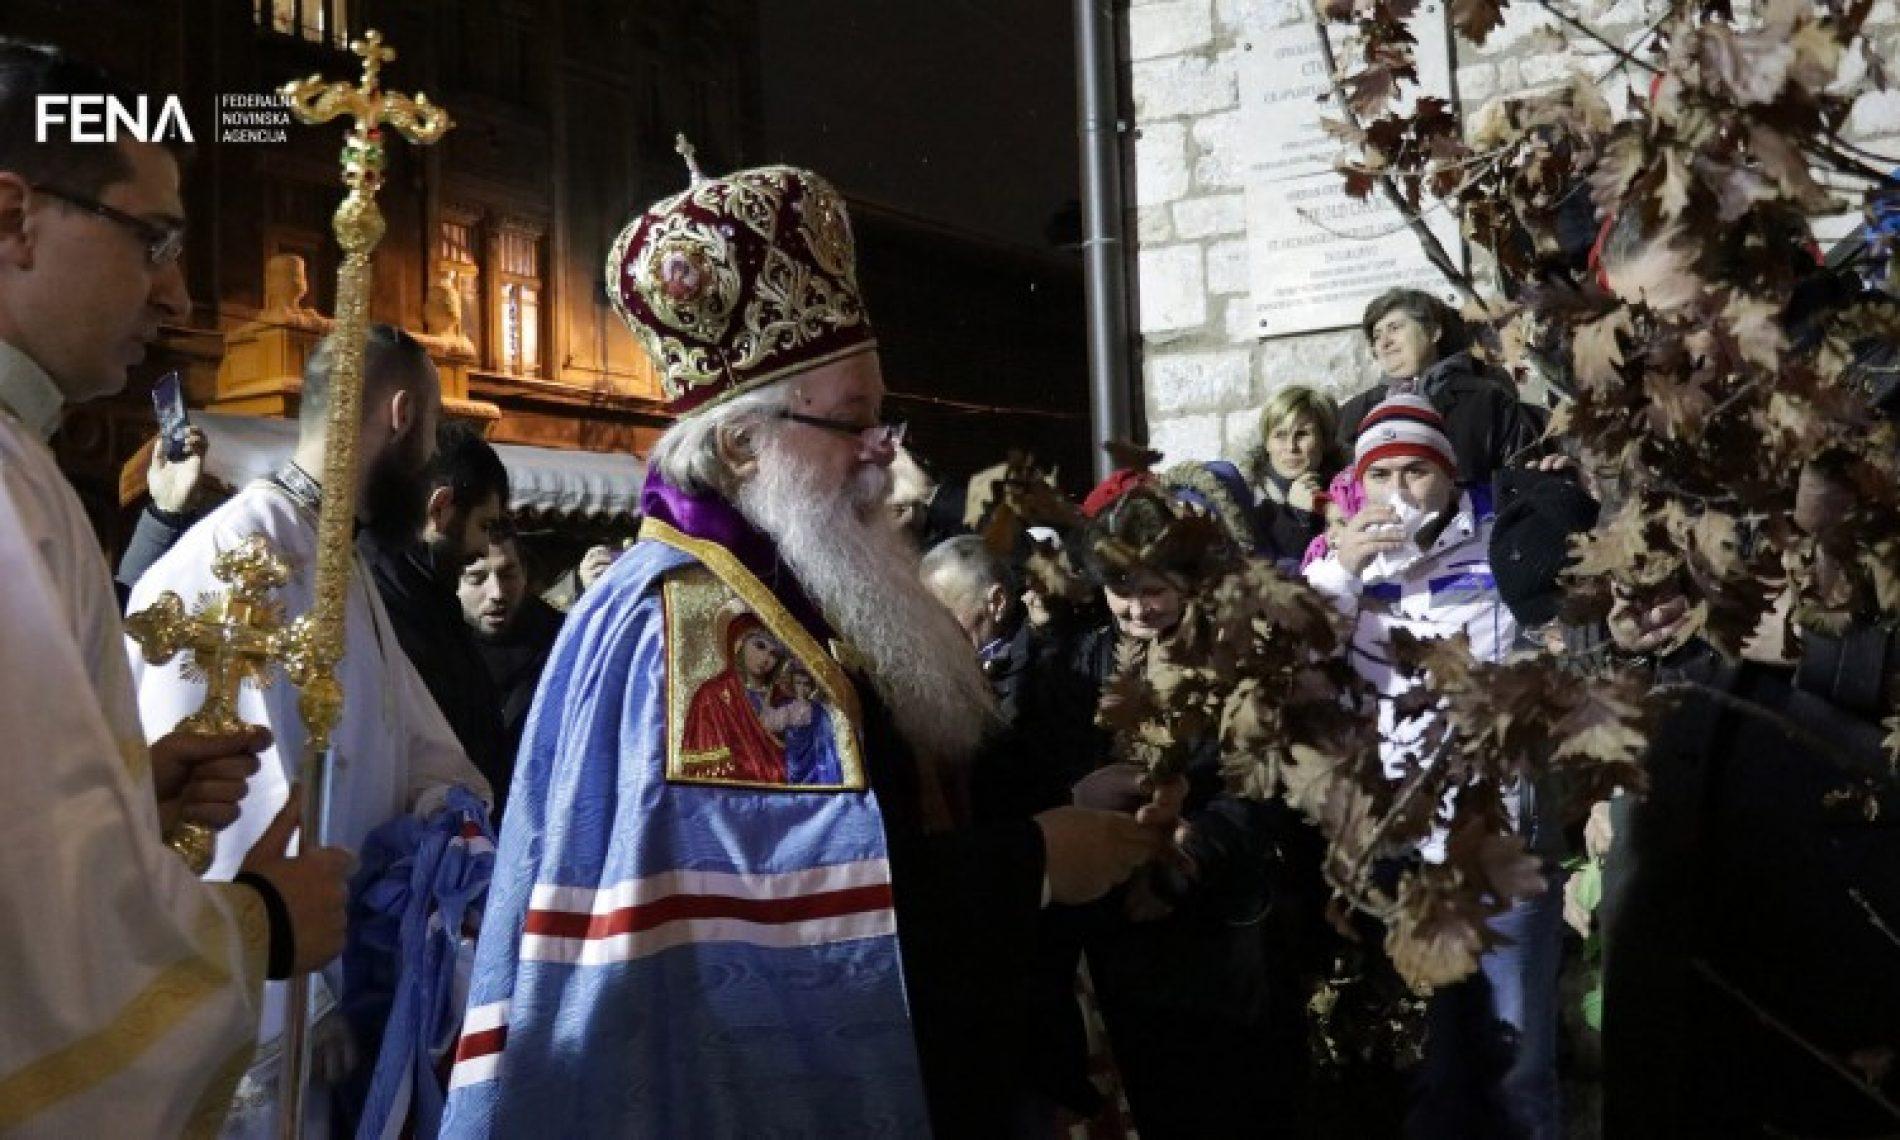 Mitropolit dabrobosanski Hrizostom pred najveći hrišćanski praznik: Bog traži dobru volju među ljudima